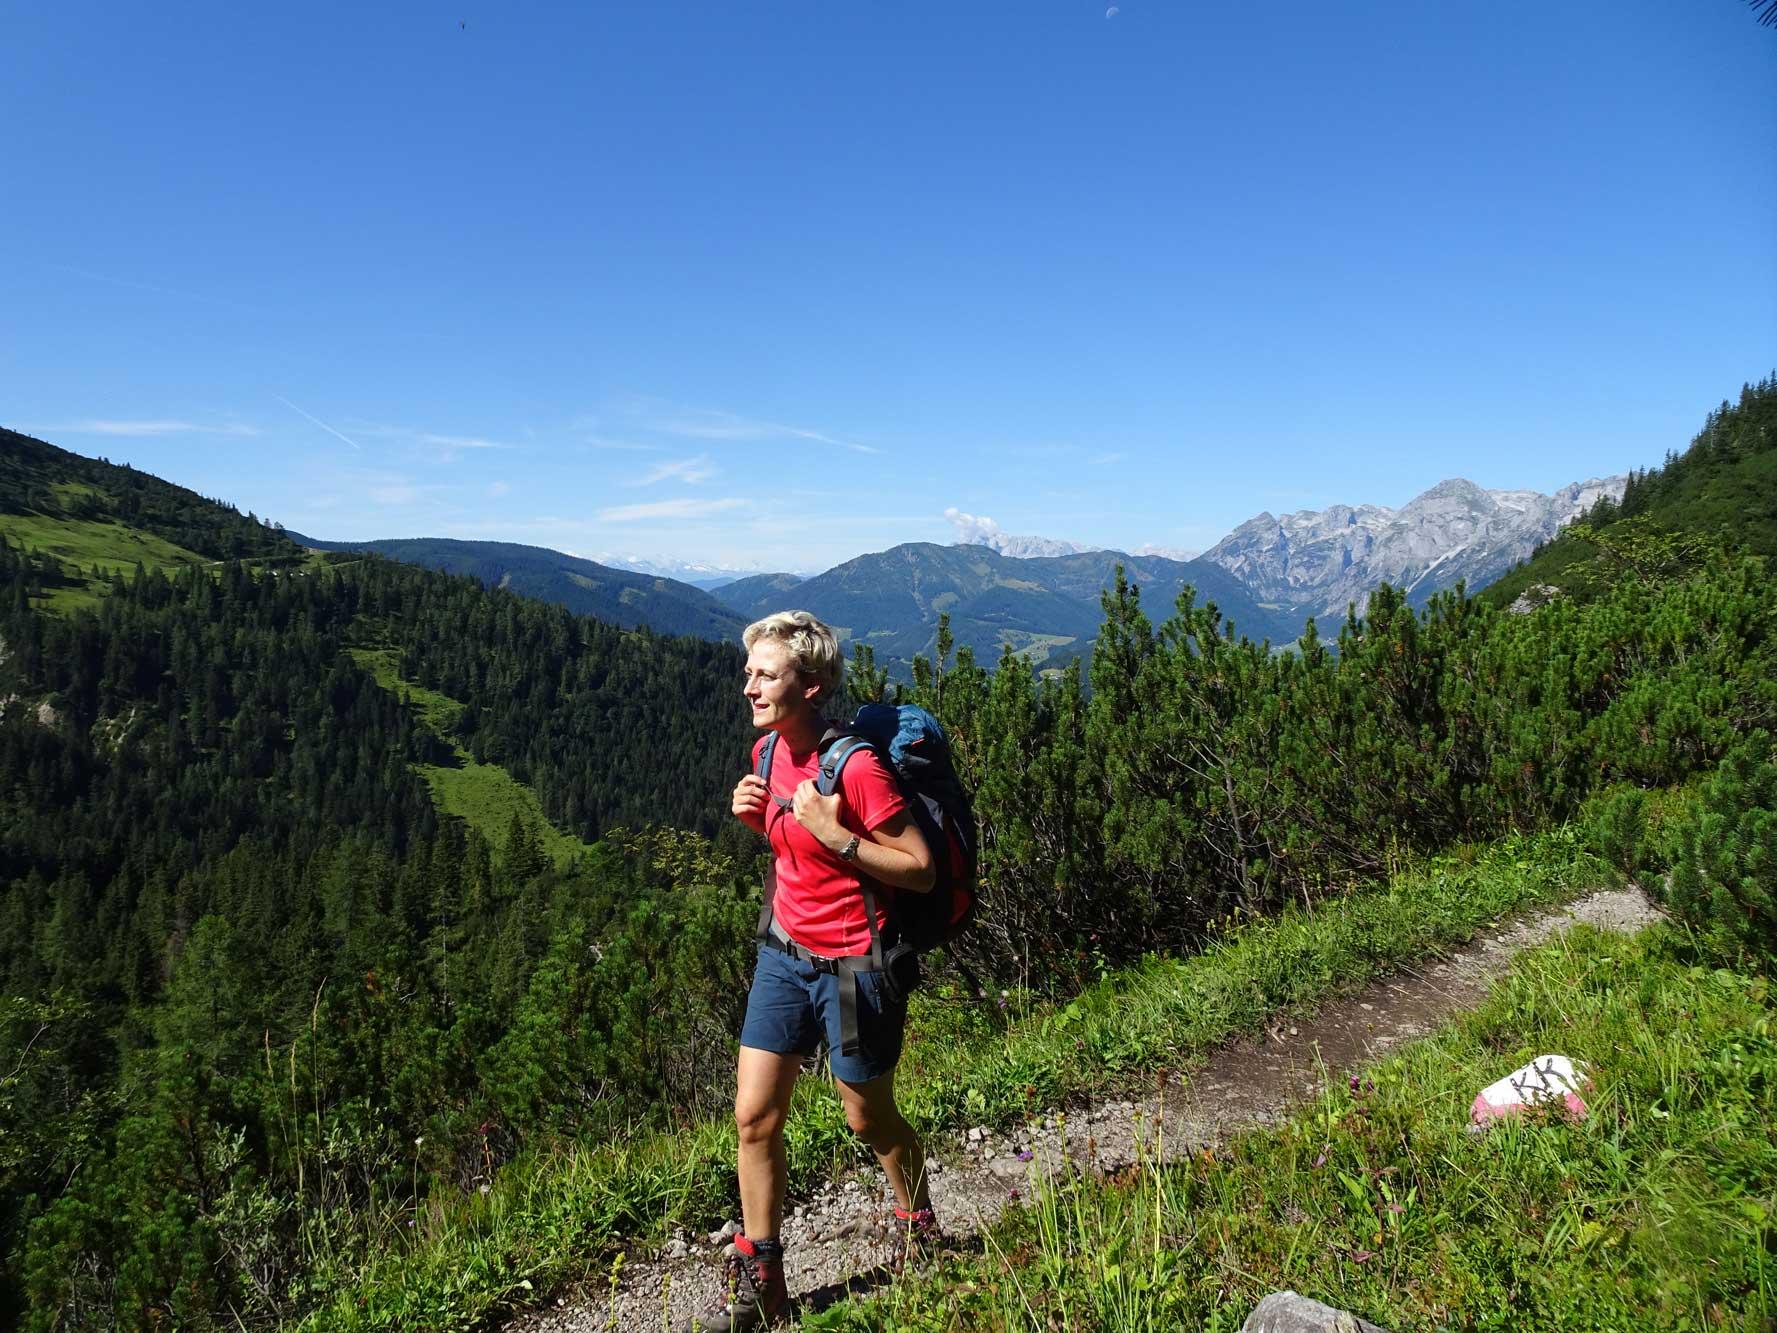 DachsteinHöhenRundweg-Gosaukamm-Tennengebirgsblick-Wanderer-2